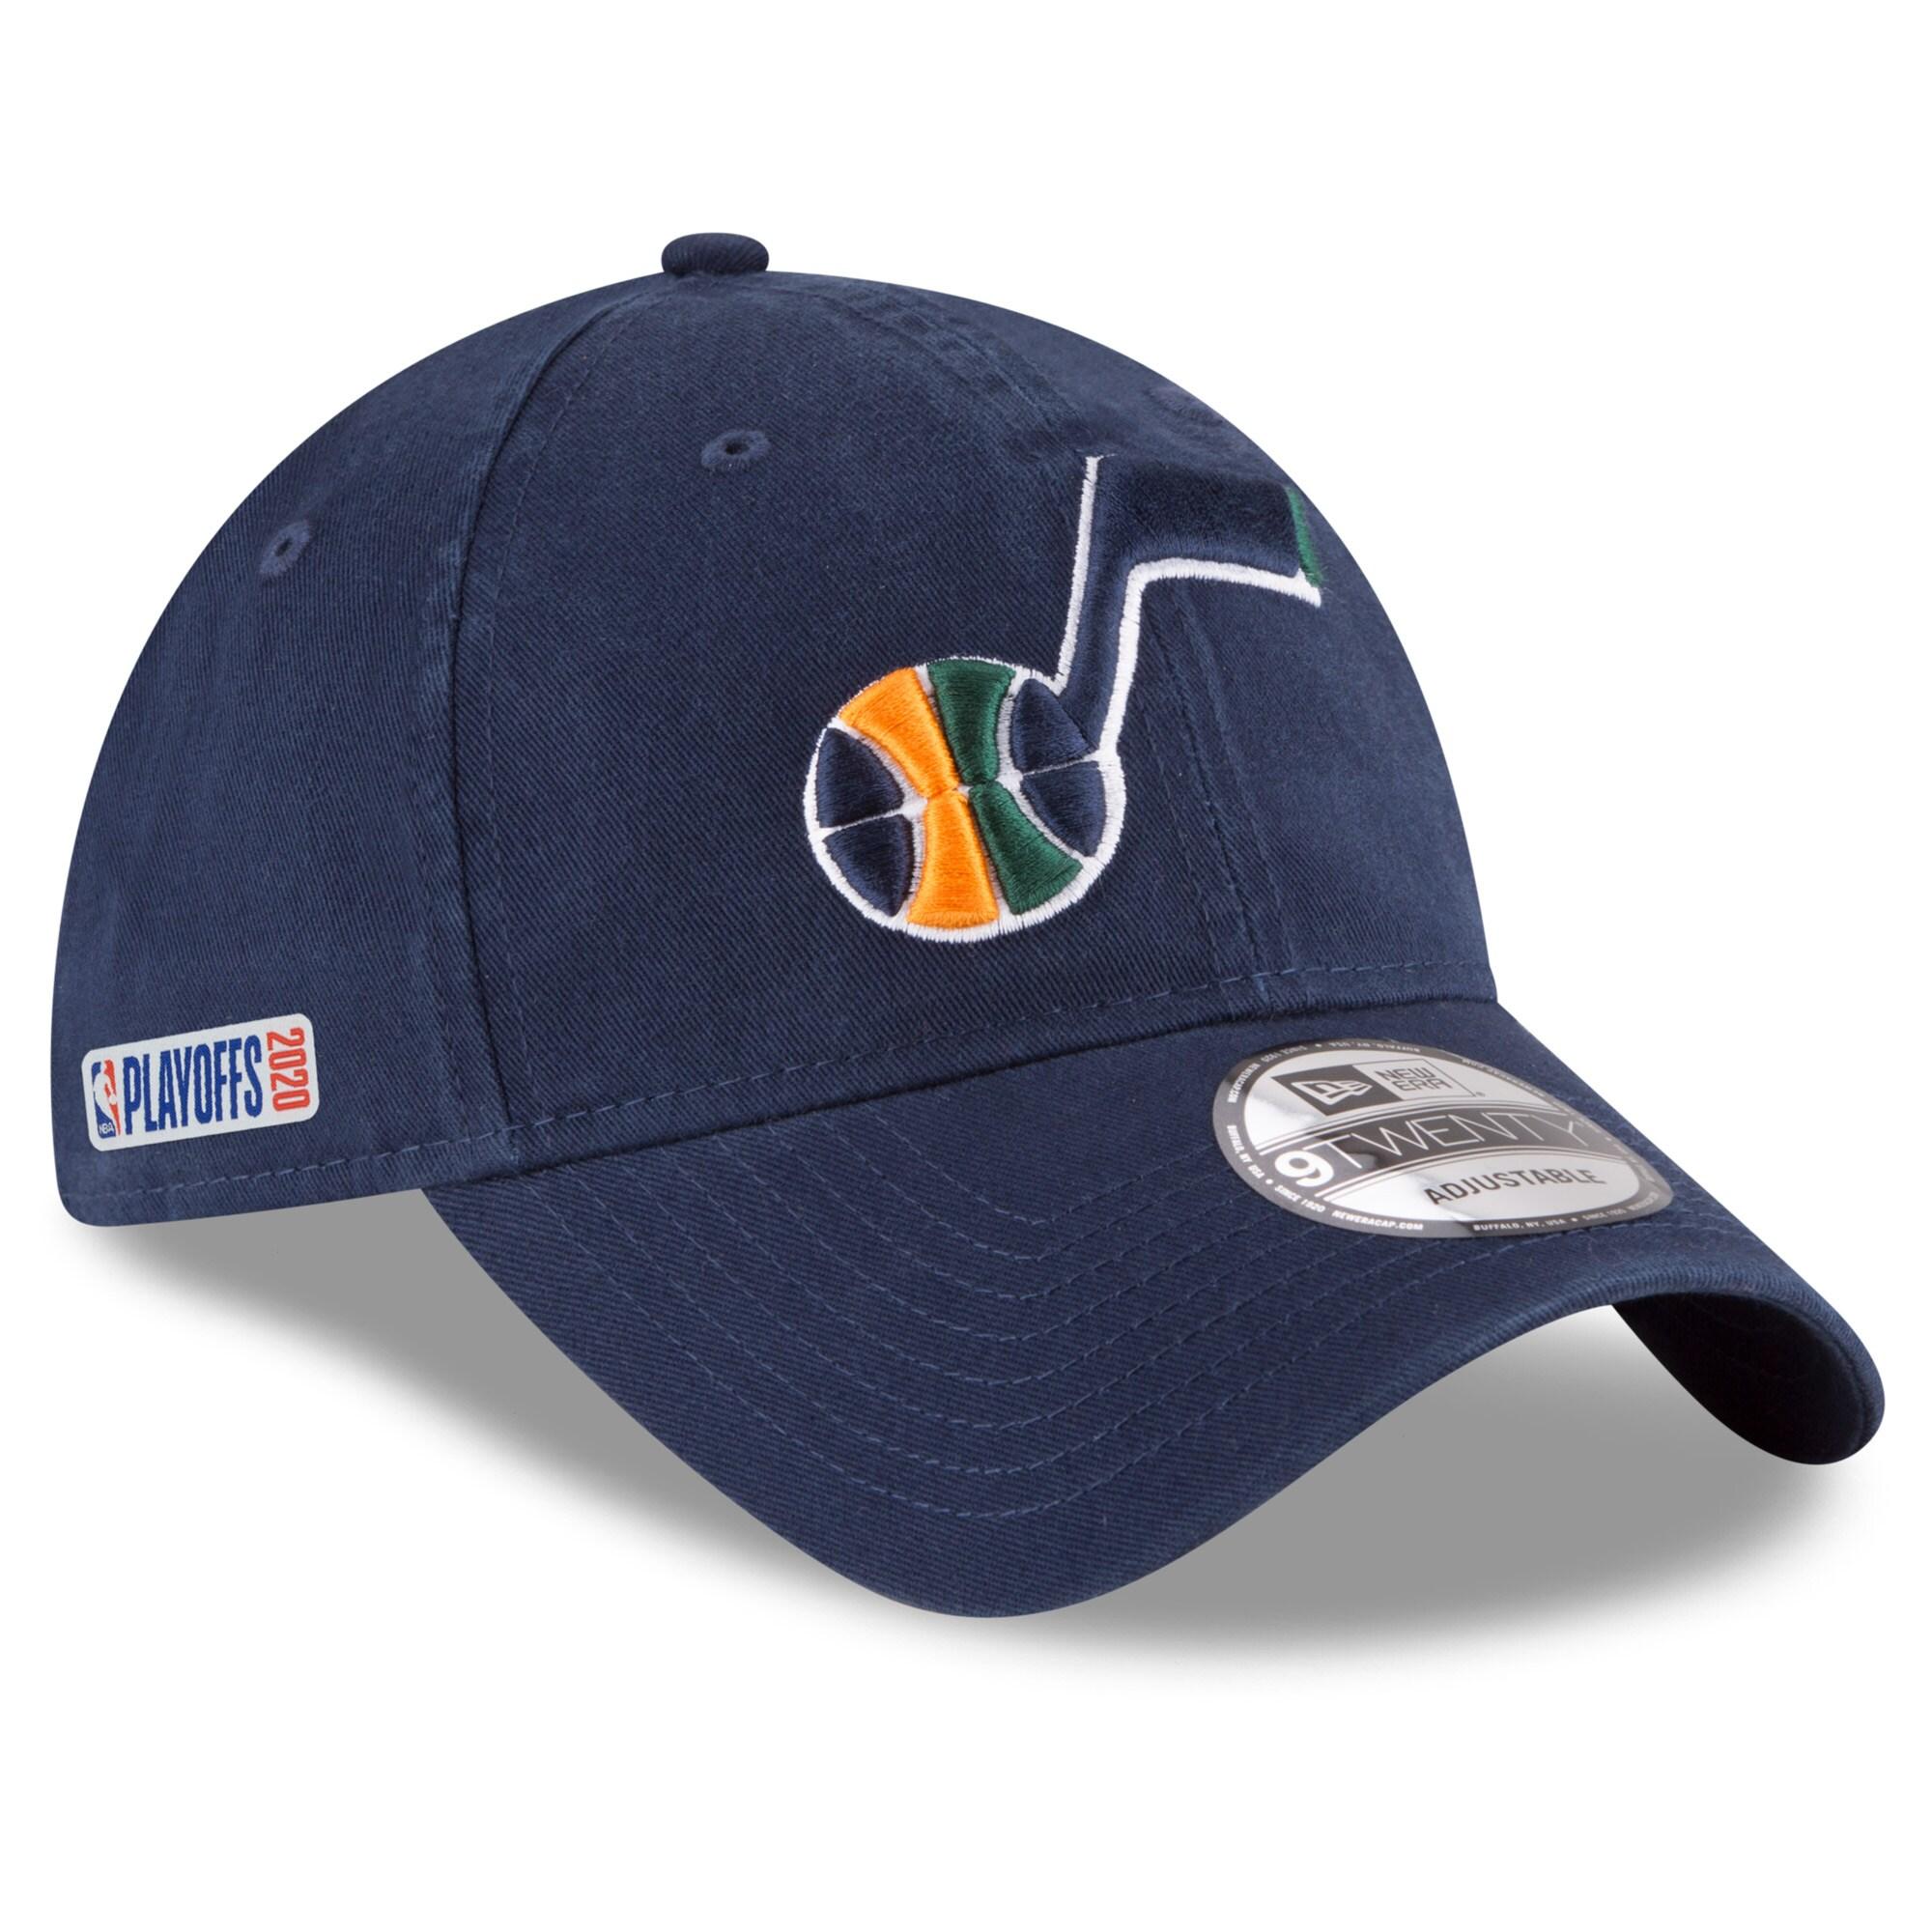 Utah Jazz New Era 2020 NBA Playoffs Bound 9TWENTY Adjustable Hat - Navy